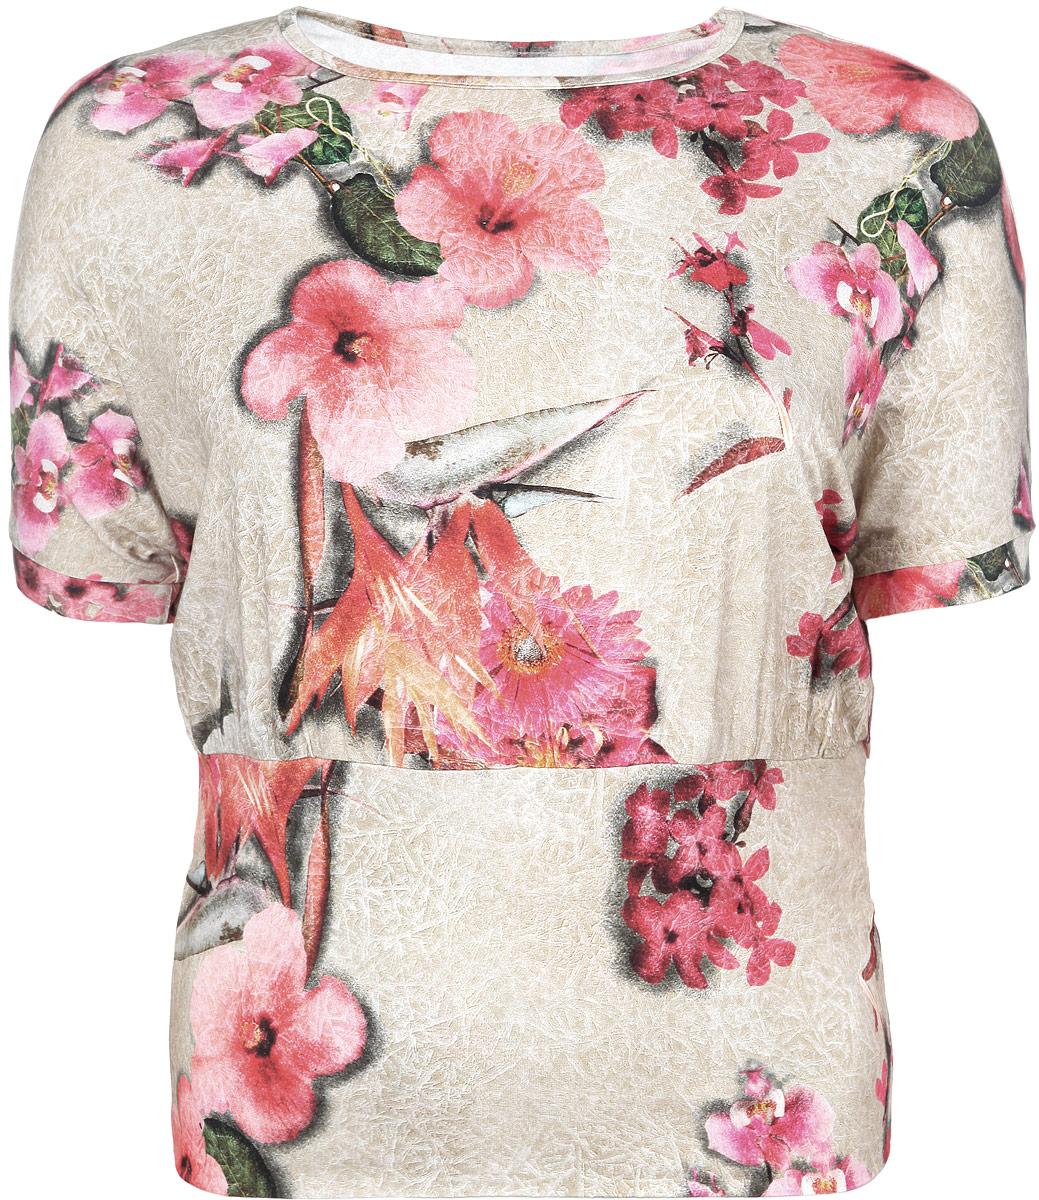 Блузка женская. 884м884мСтильная женская блузка Milana Style, выполненная из мягкой вискозы с добавлением лайкры, подчеркнет ваш уникальный стиль и поможет создать женственный образ. Модель с короткими рукавами и круглым вырезом горловины оформлена оригинальным принтом. Такая блузка будет дарить вам комфорт в течение всего дня и послужит замечательным дополнением к вашему гардеробу.